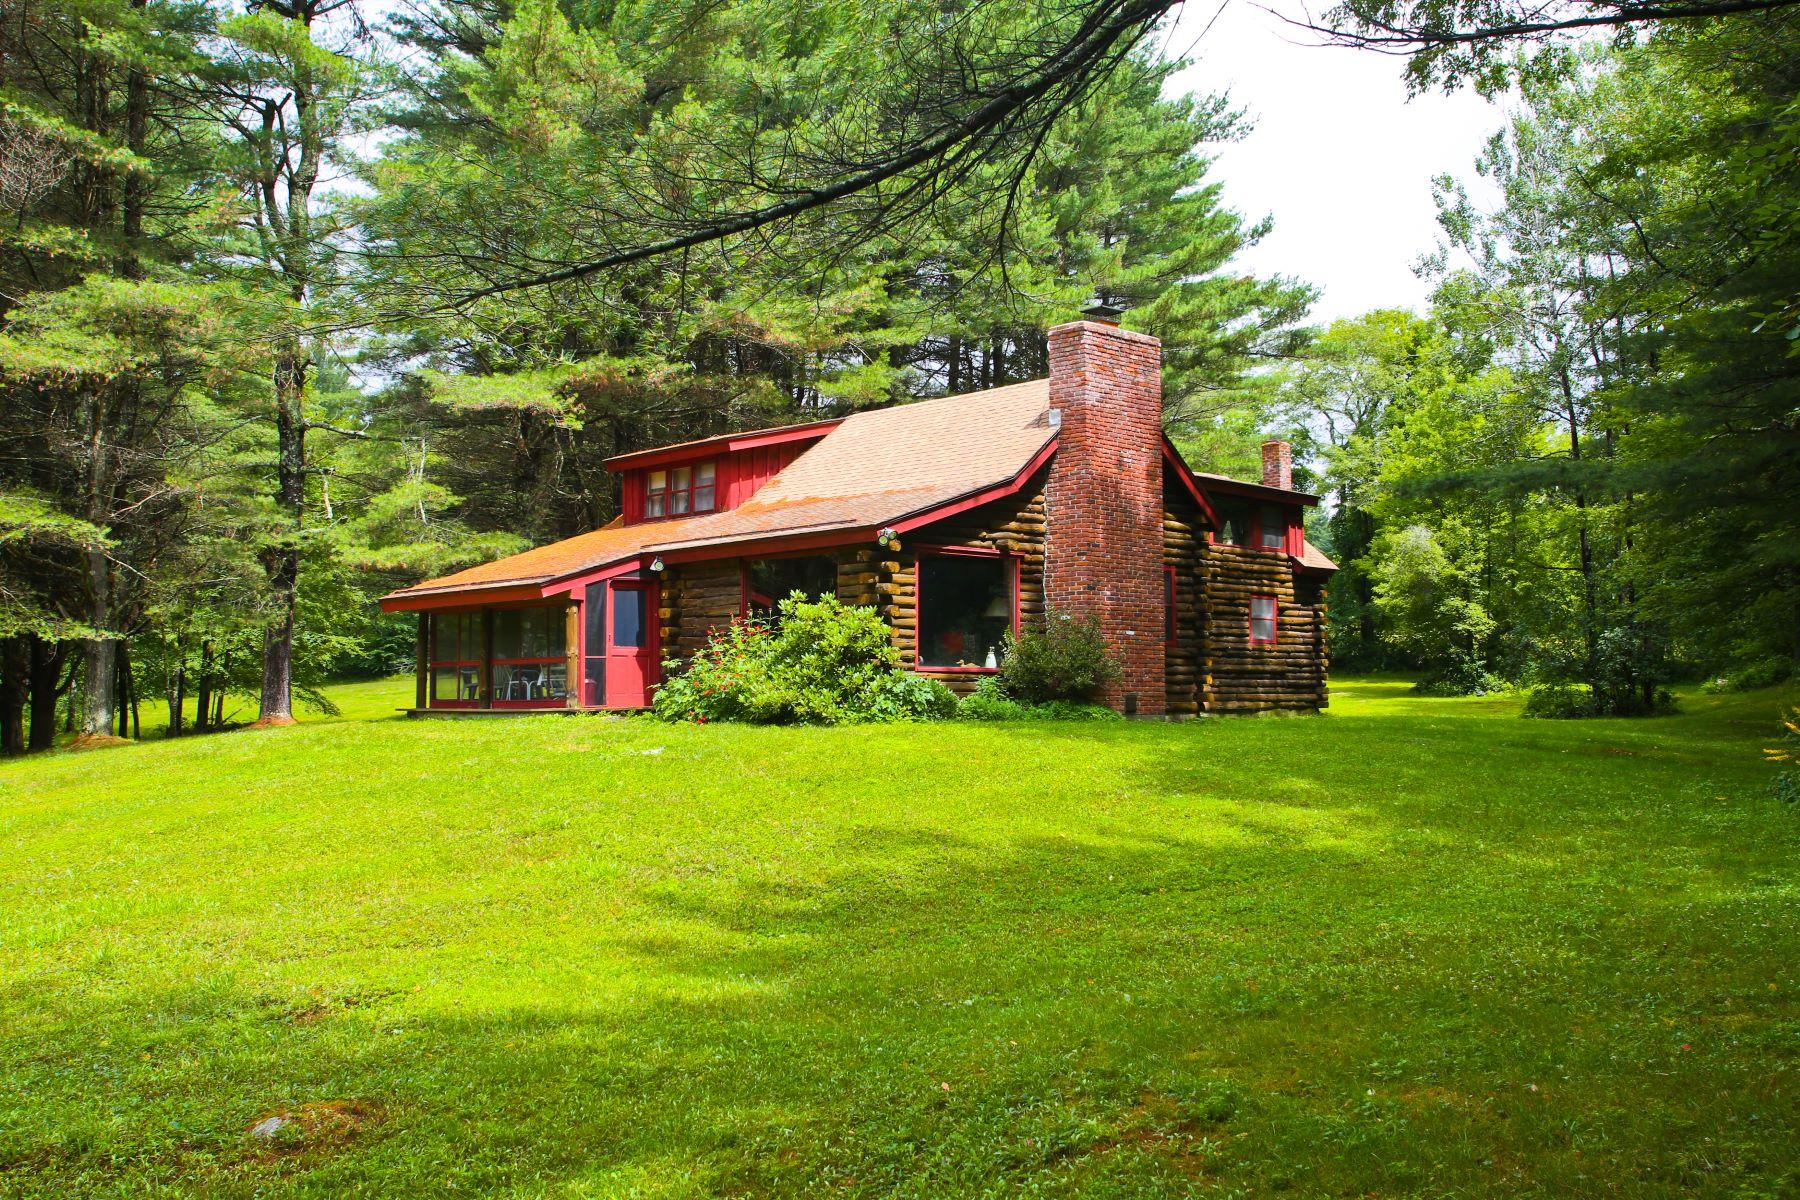 Single Family Homes for Active at Rustic Home Outside Of Great Barrington Near Butternut 70 Brett Rd Monterey, Massachusetts 01245 United States